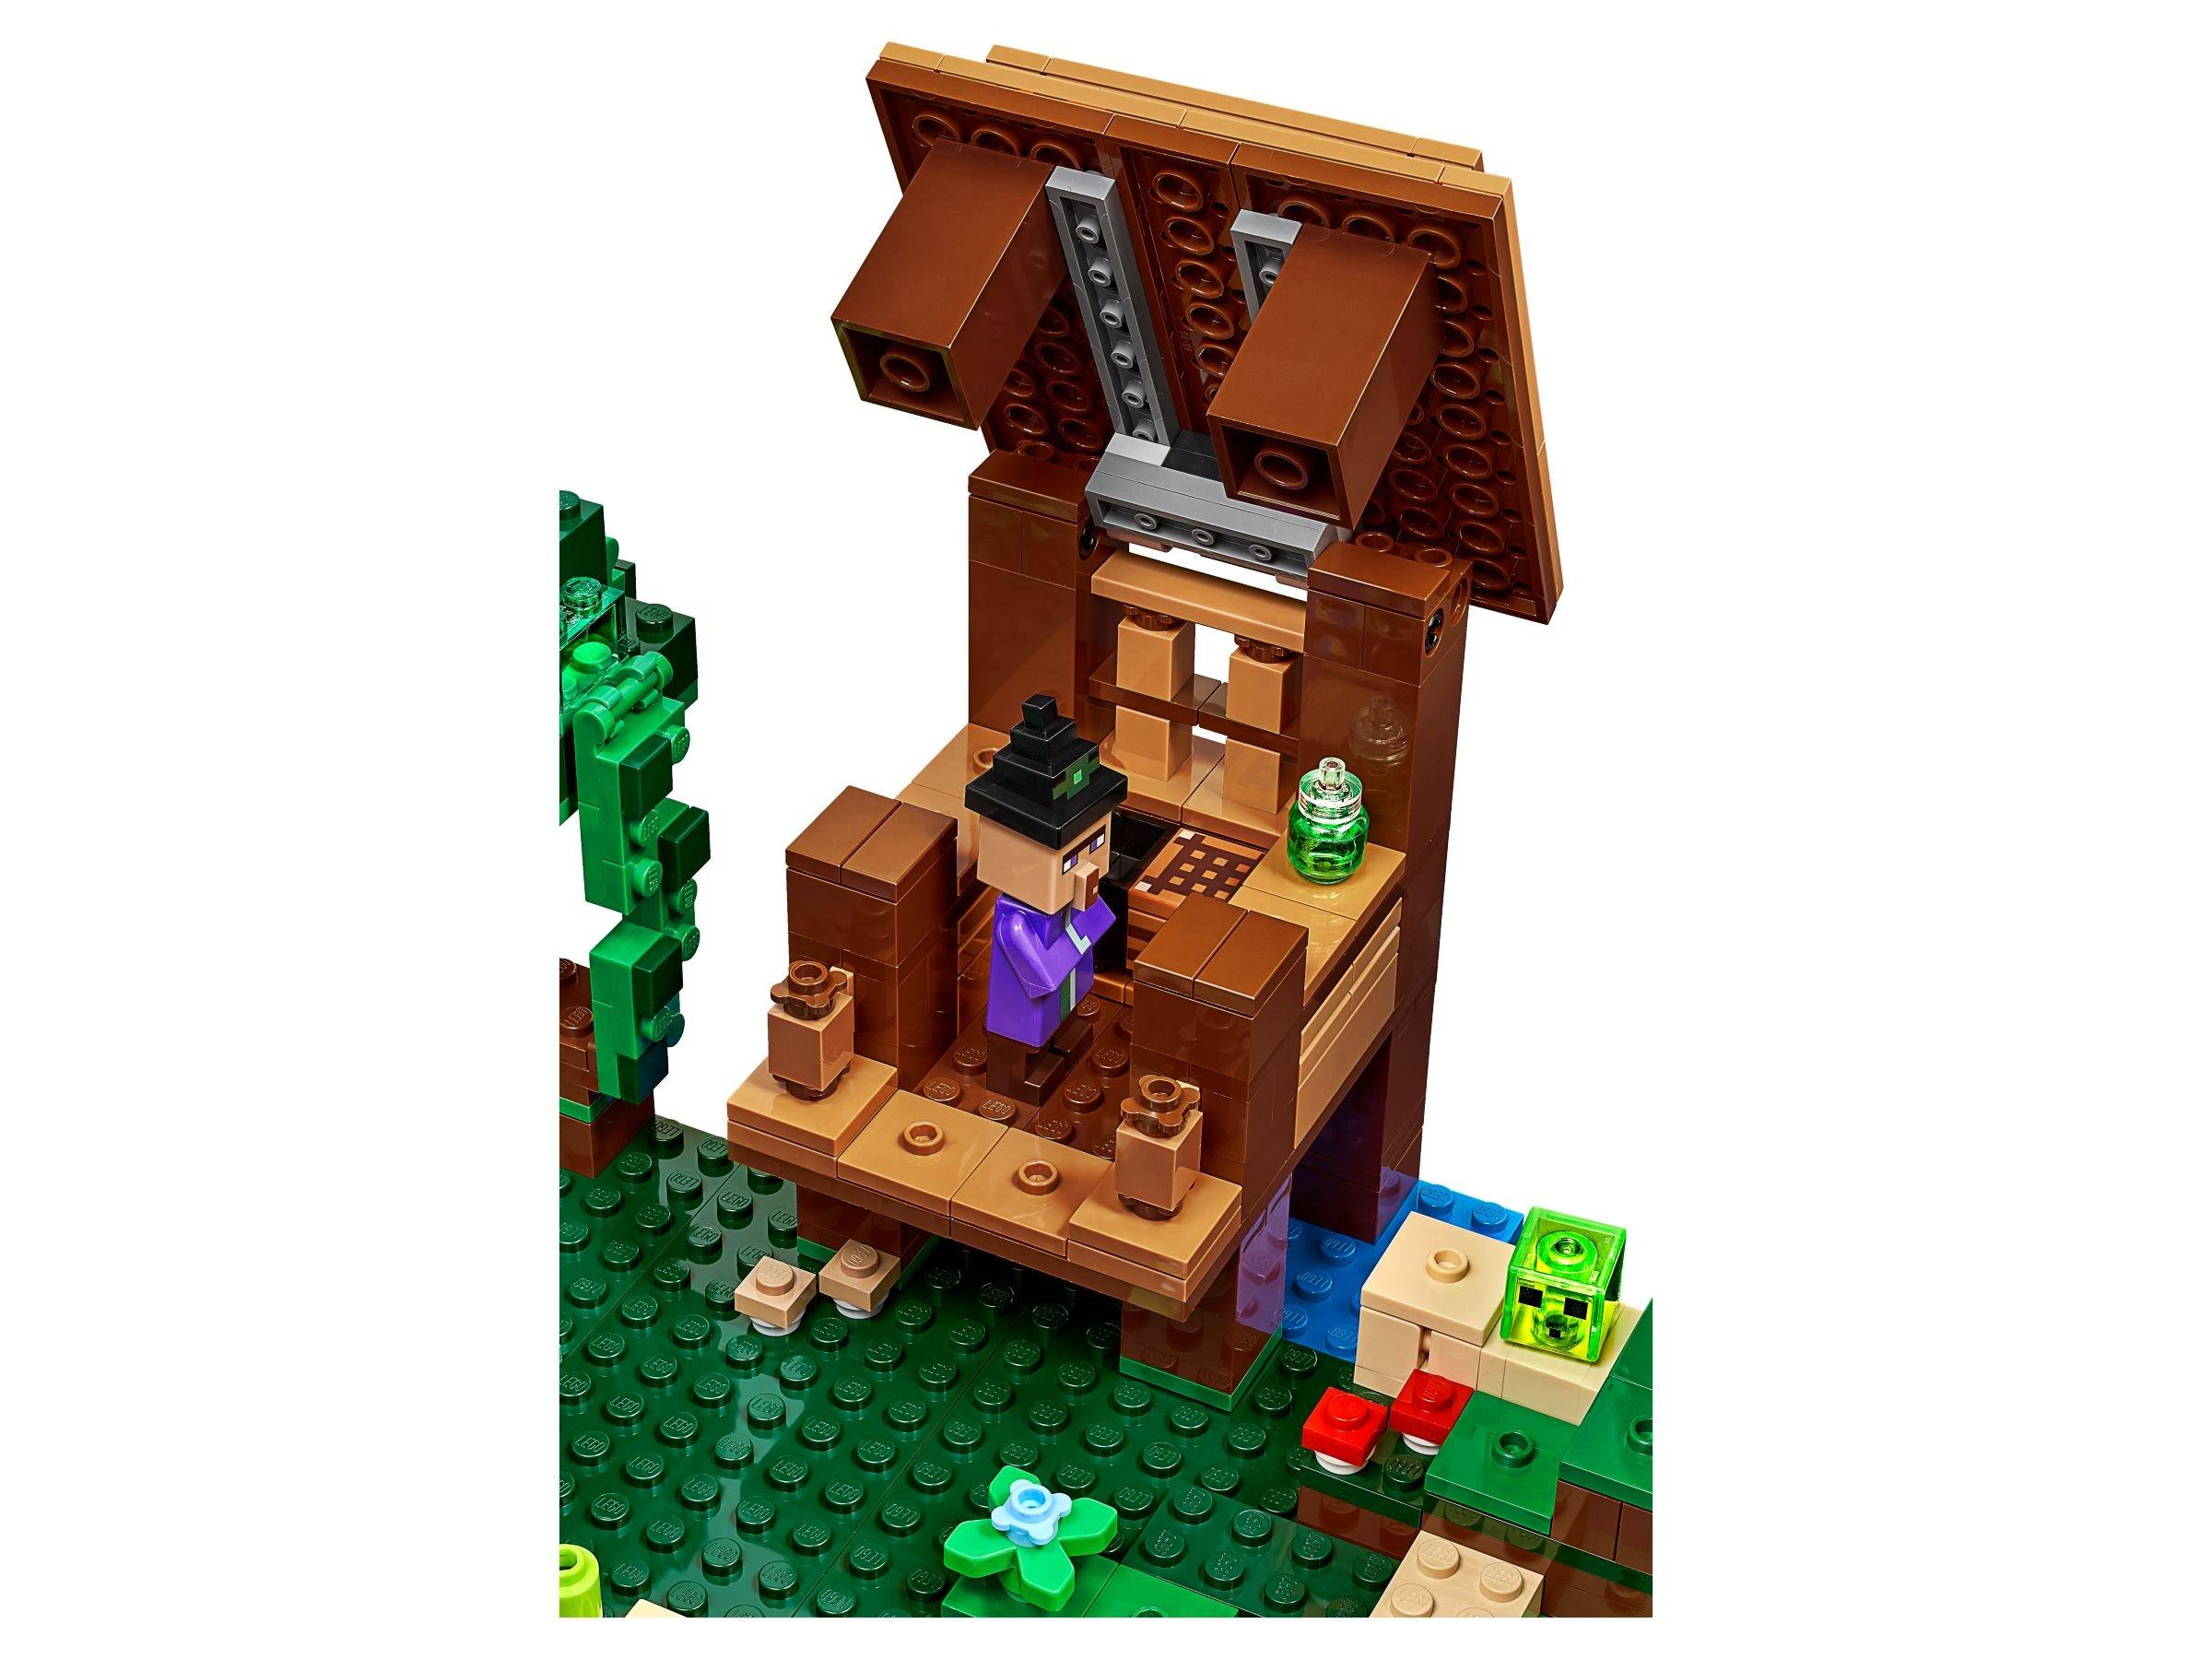 LEGO Minecraft Das Hexenhaus Mit Bildern Lifesteyl - Minecraft hexenhauser